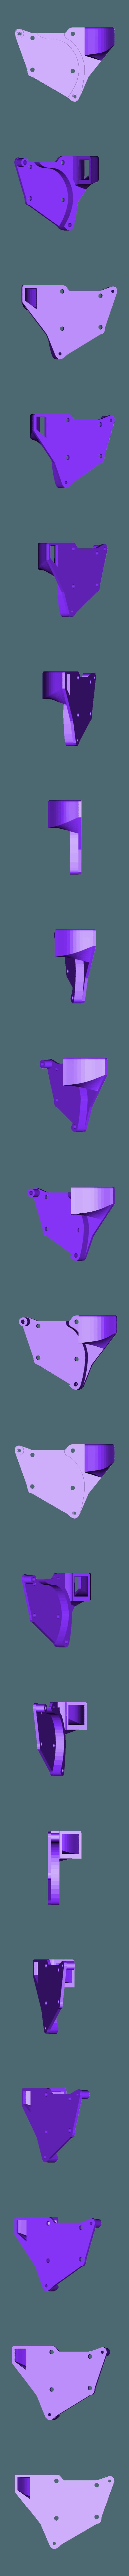 FanductRADIAL-PRINT.stl Télécharger fichier STL gratuit YaVoFaDu - Encore un conduit de ventilateur de volcan pour le TronXY X5S • Design pour impression 3D, suromark